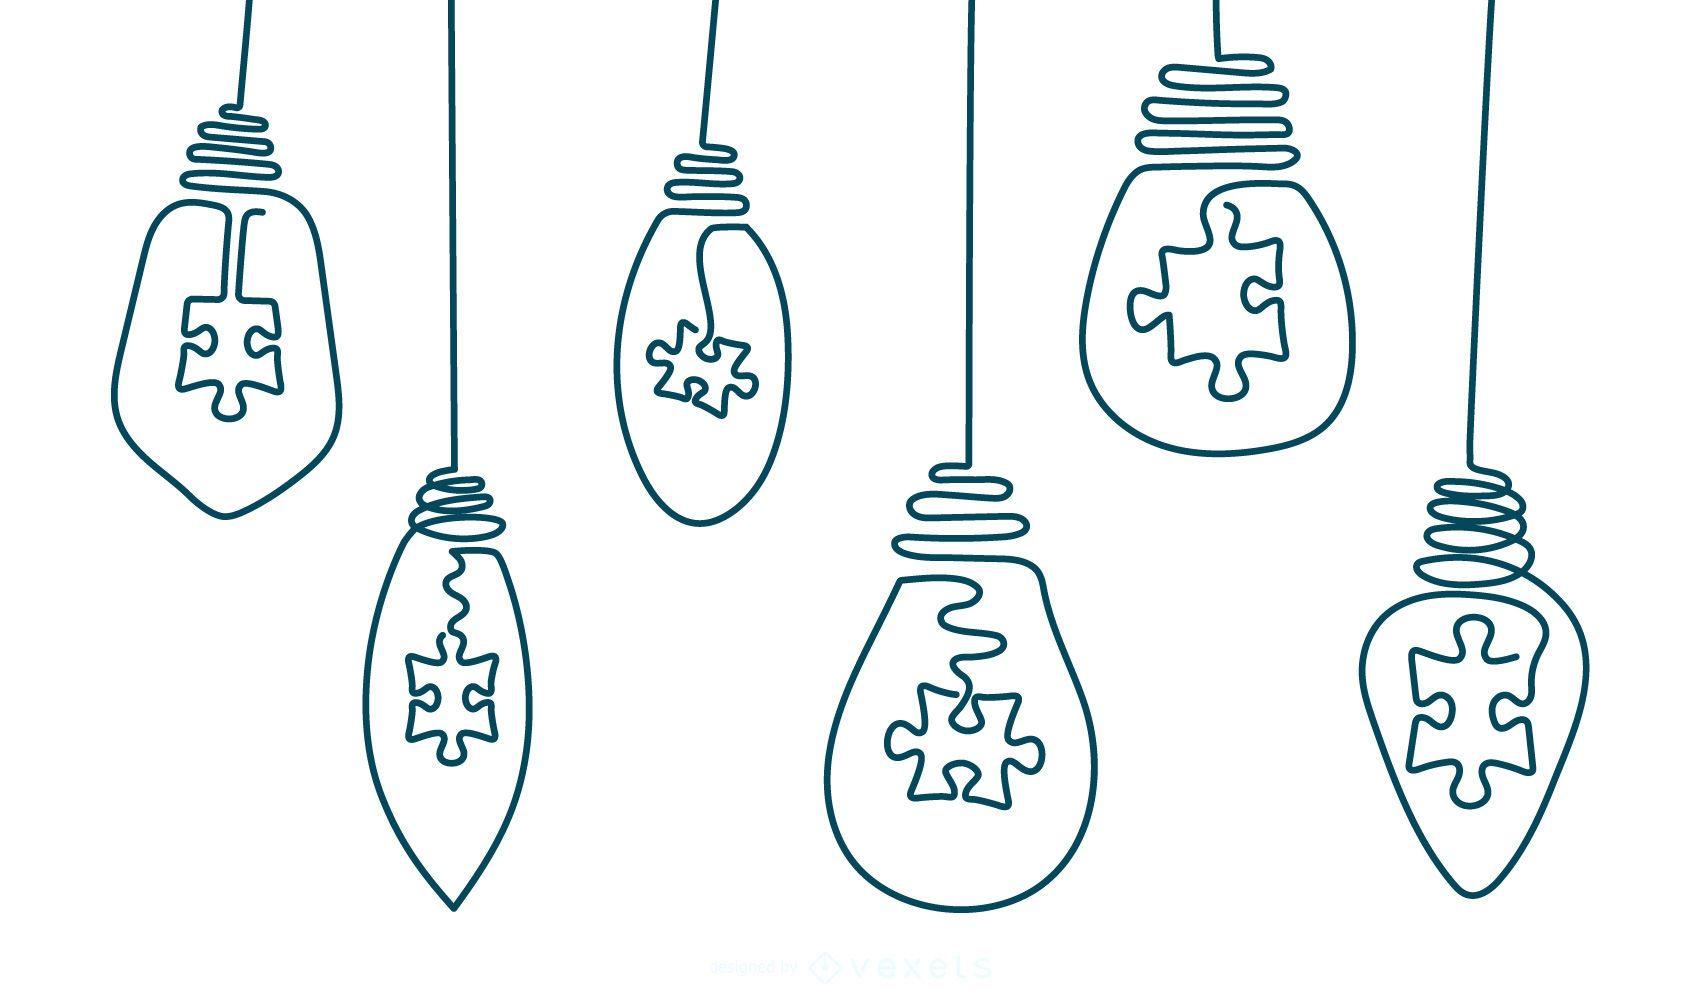 Paquete de bombillas de luz de trazo de dibujo a mano